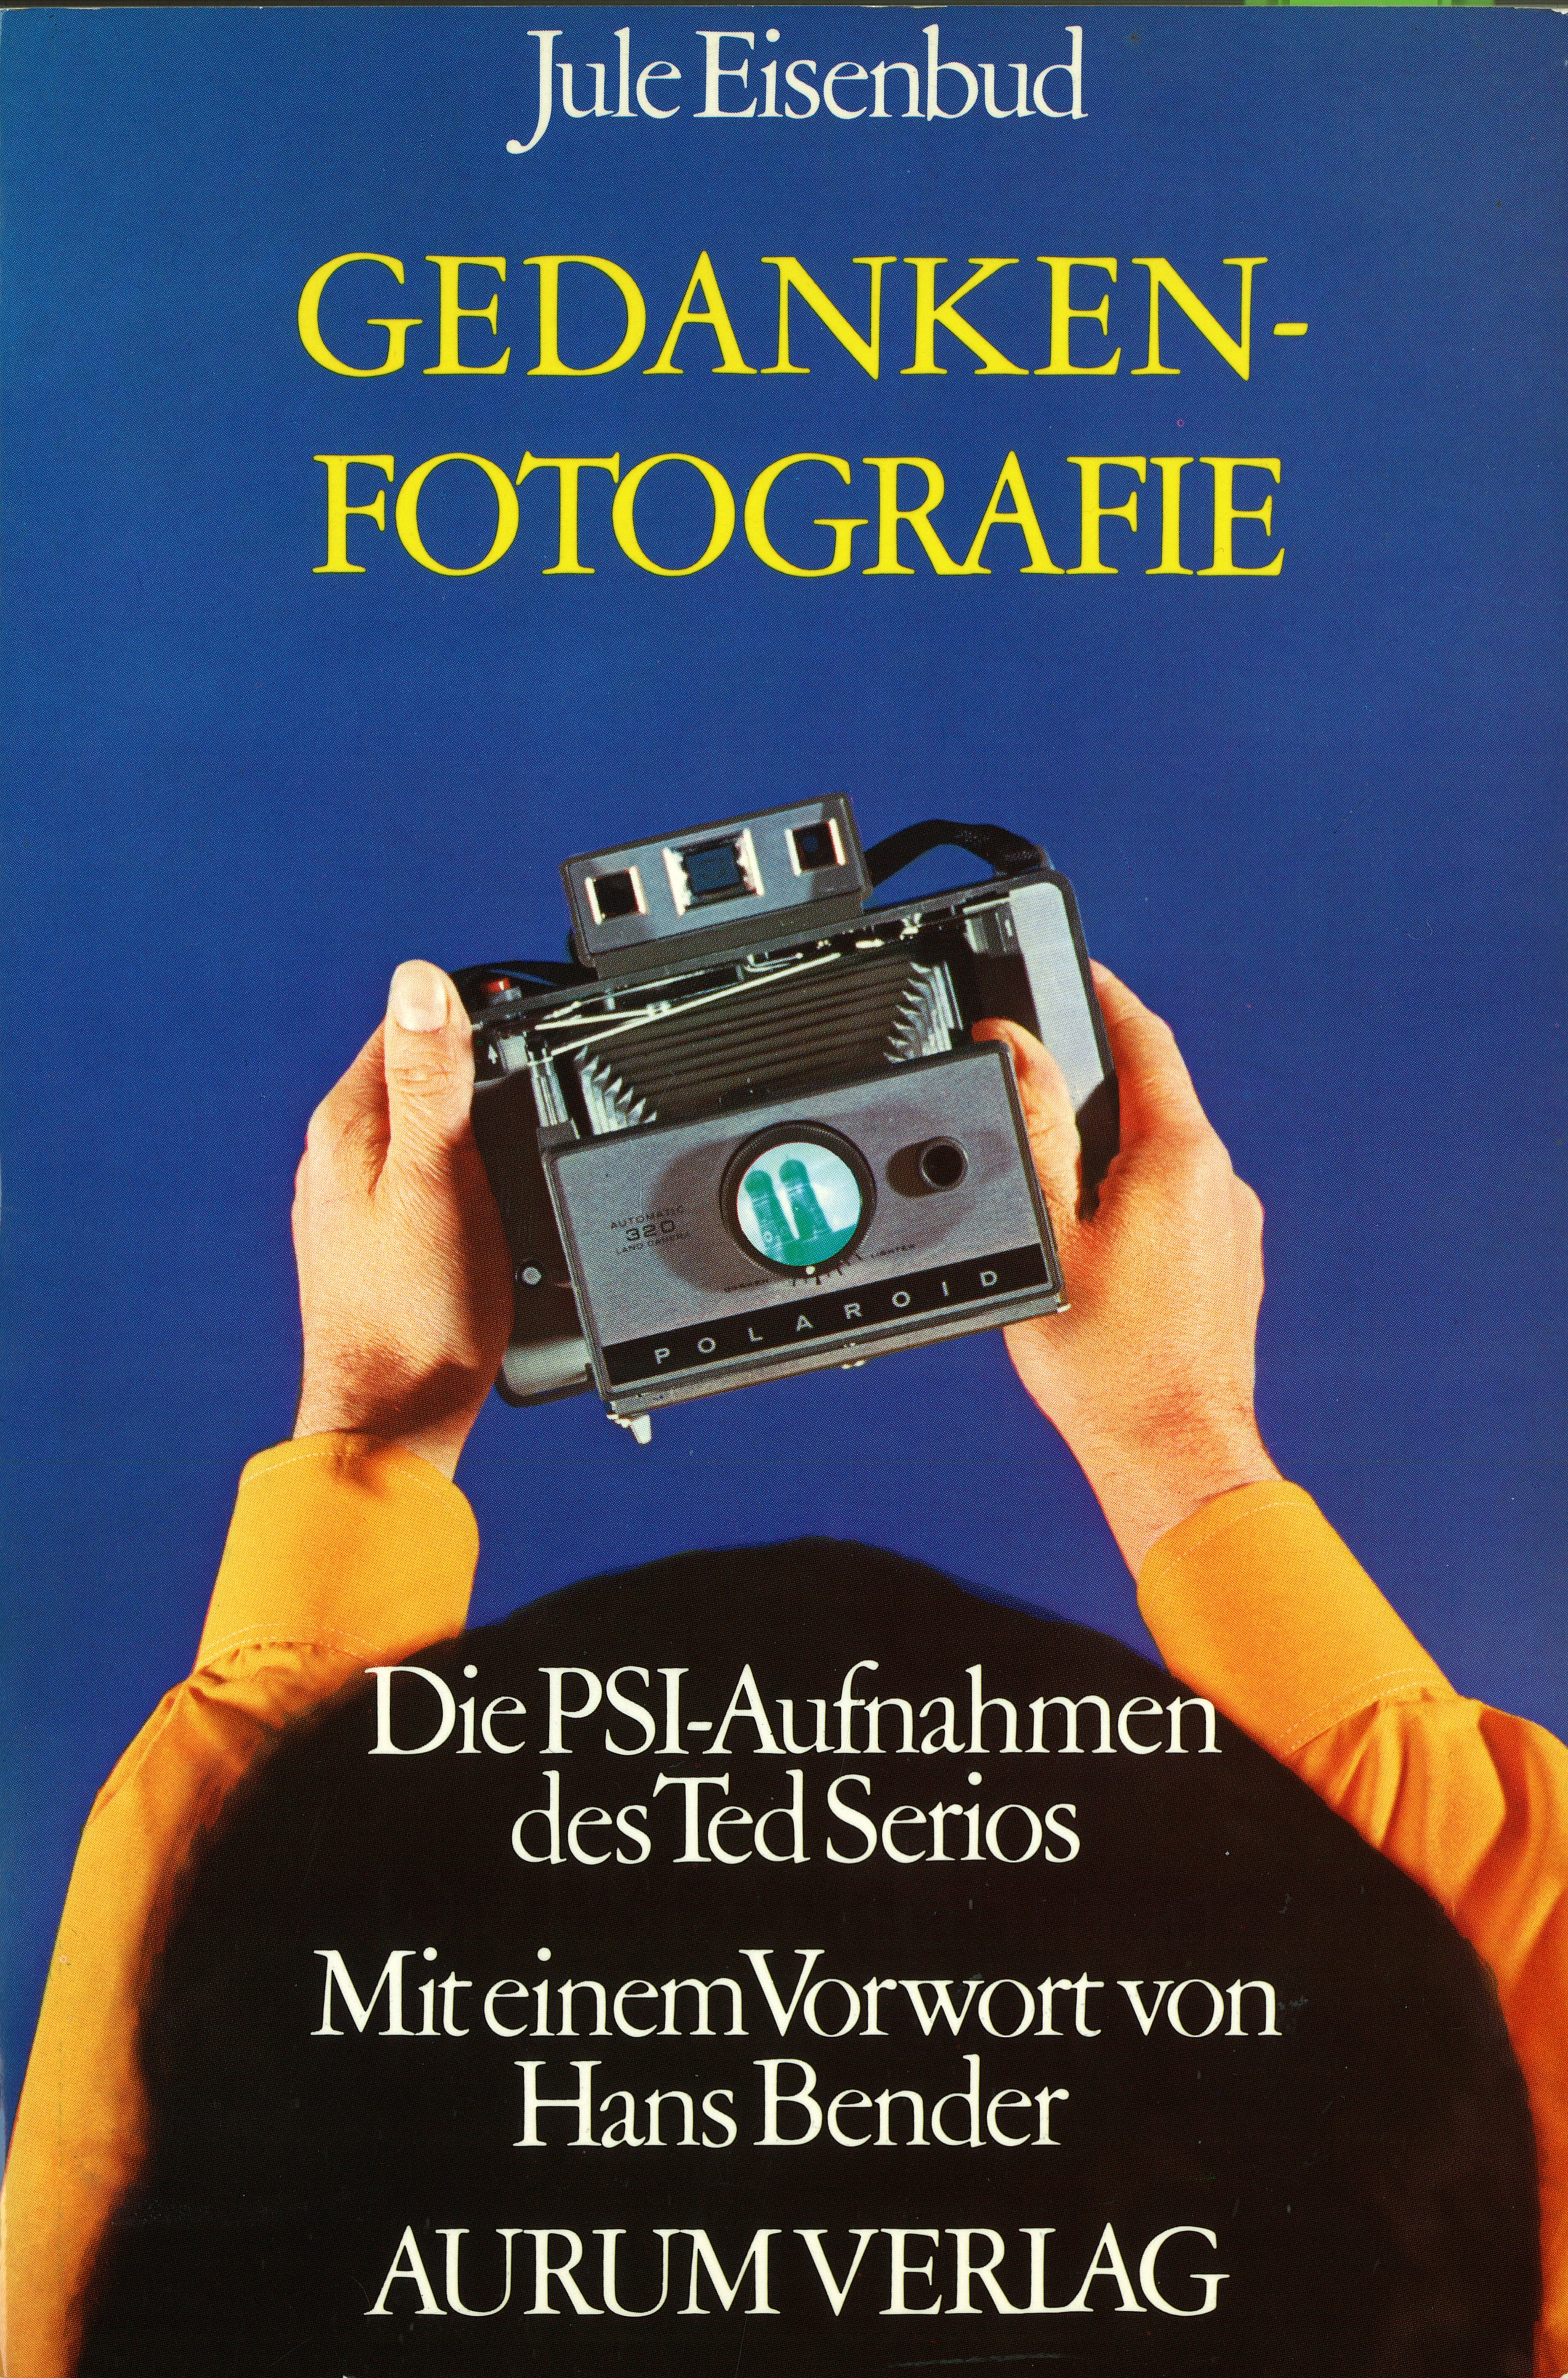 Gedankenfotografie - Die PSI-Aufnahmen des Ted Serios, Autor: Dr. med. Jule Eisenbud, Verlag: Aurum Verlag GmbH & Co. KG Freiburg im Breisgau, 1975, ISBN 3 591 00002 7